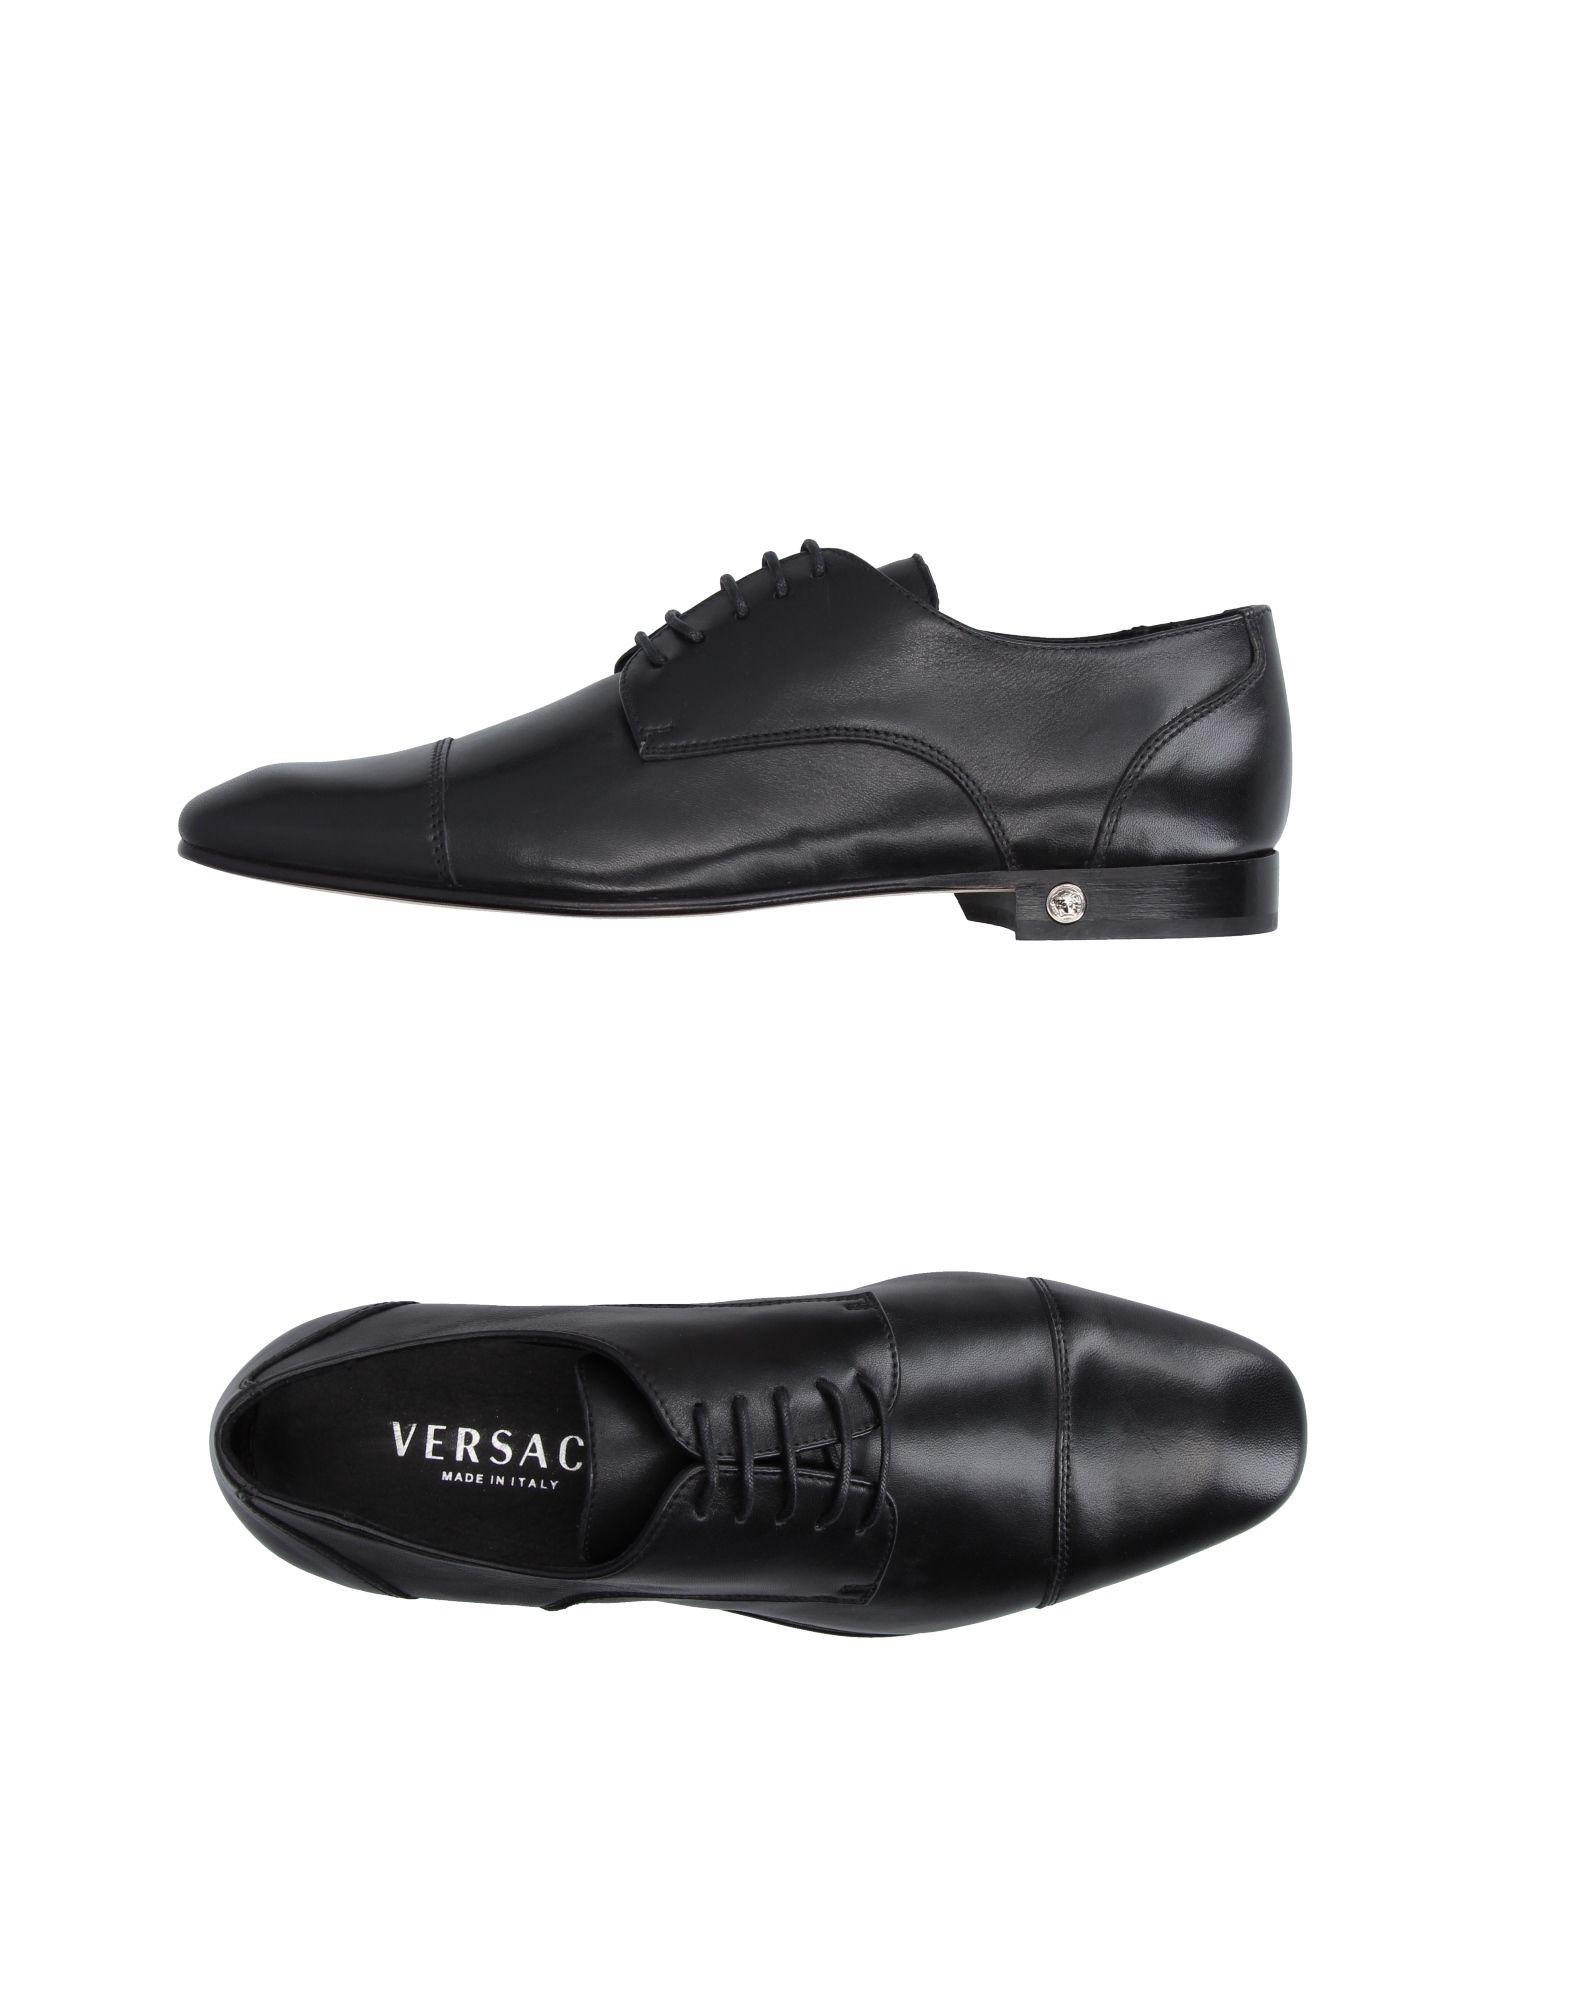 Chaussures À Lacets Versace Femme - Chaussures À Lacets Versace sur